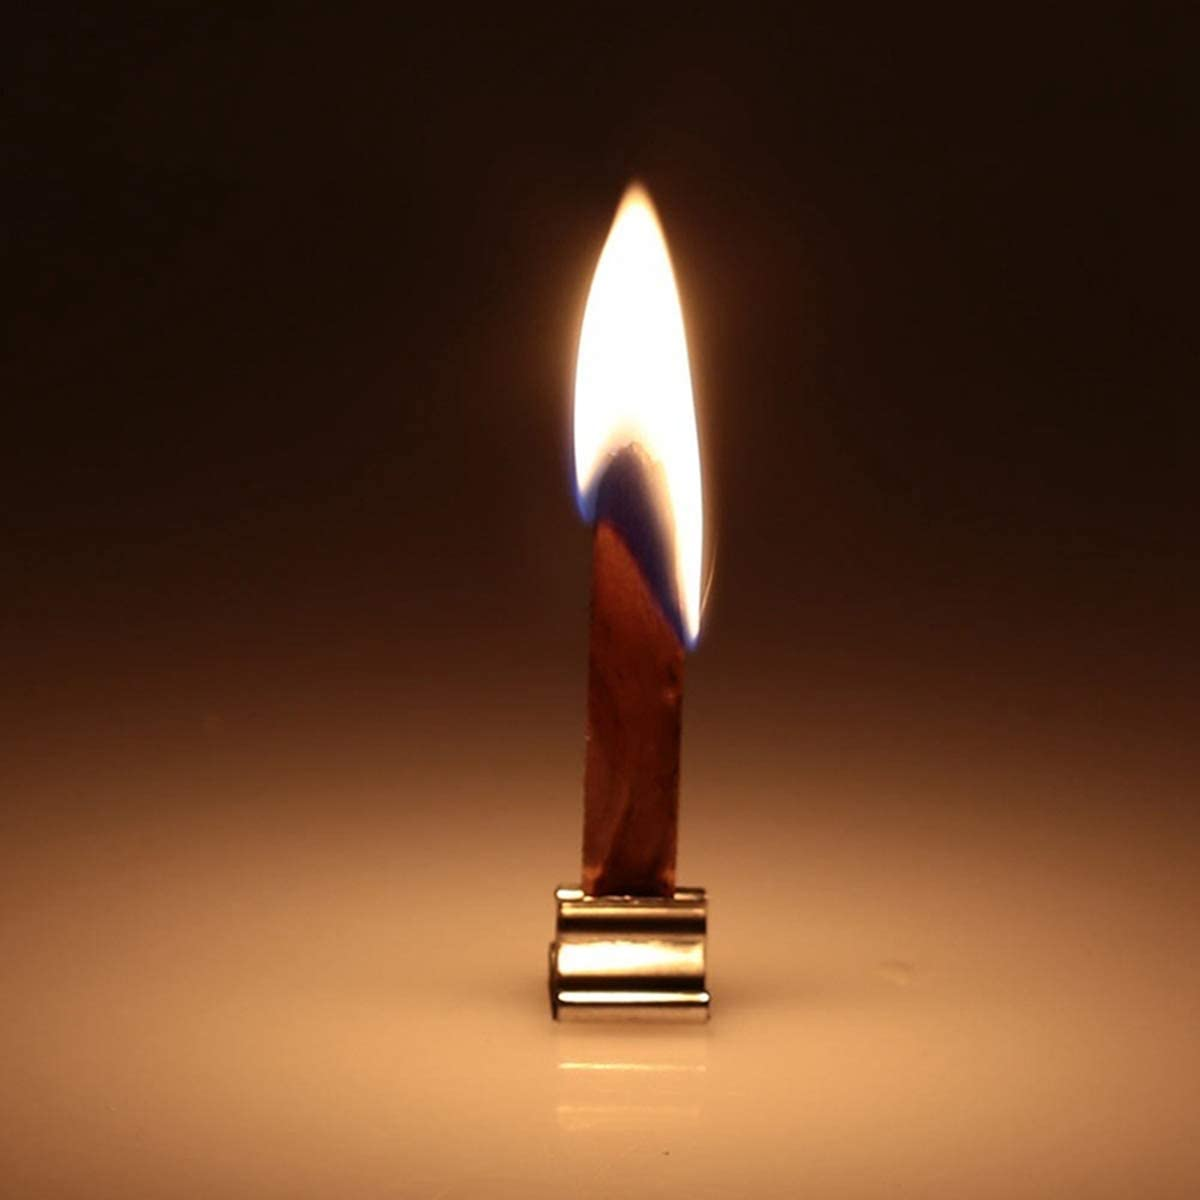 13 mm herstellen Kerzendochtkern f/ür handgefertigte DIY-Kerzen 8 mm die Zubeh/ör f/ür Sojaparaffinwachs 6 mm 12,5 mm MZY1188 50 STK Holzkerzendocht mit Eisenst/änder Kerzendocht aus Holz